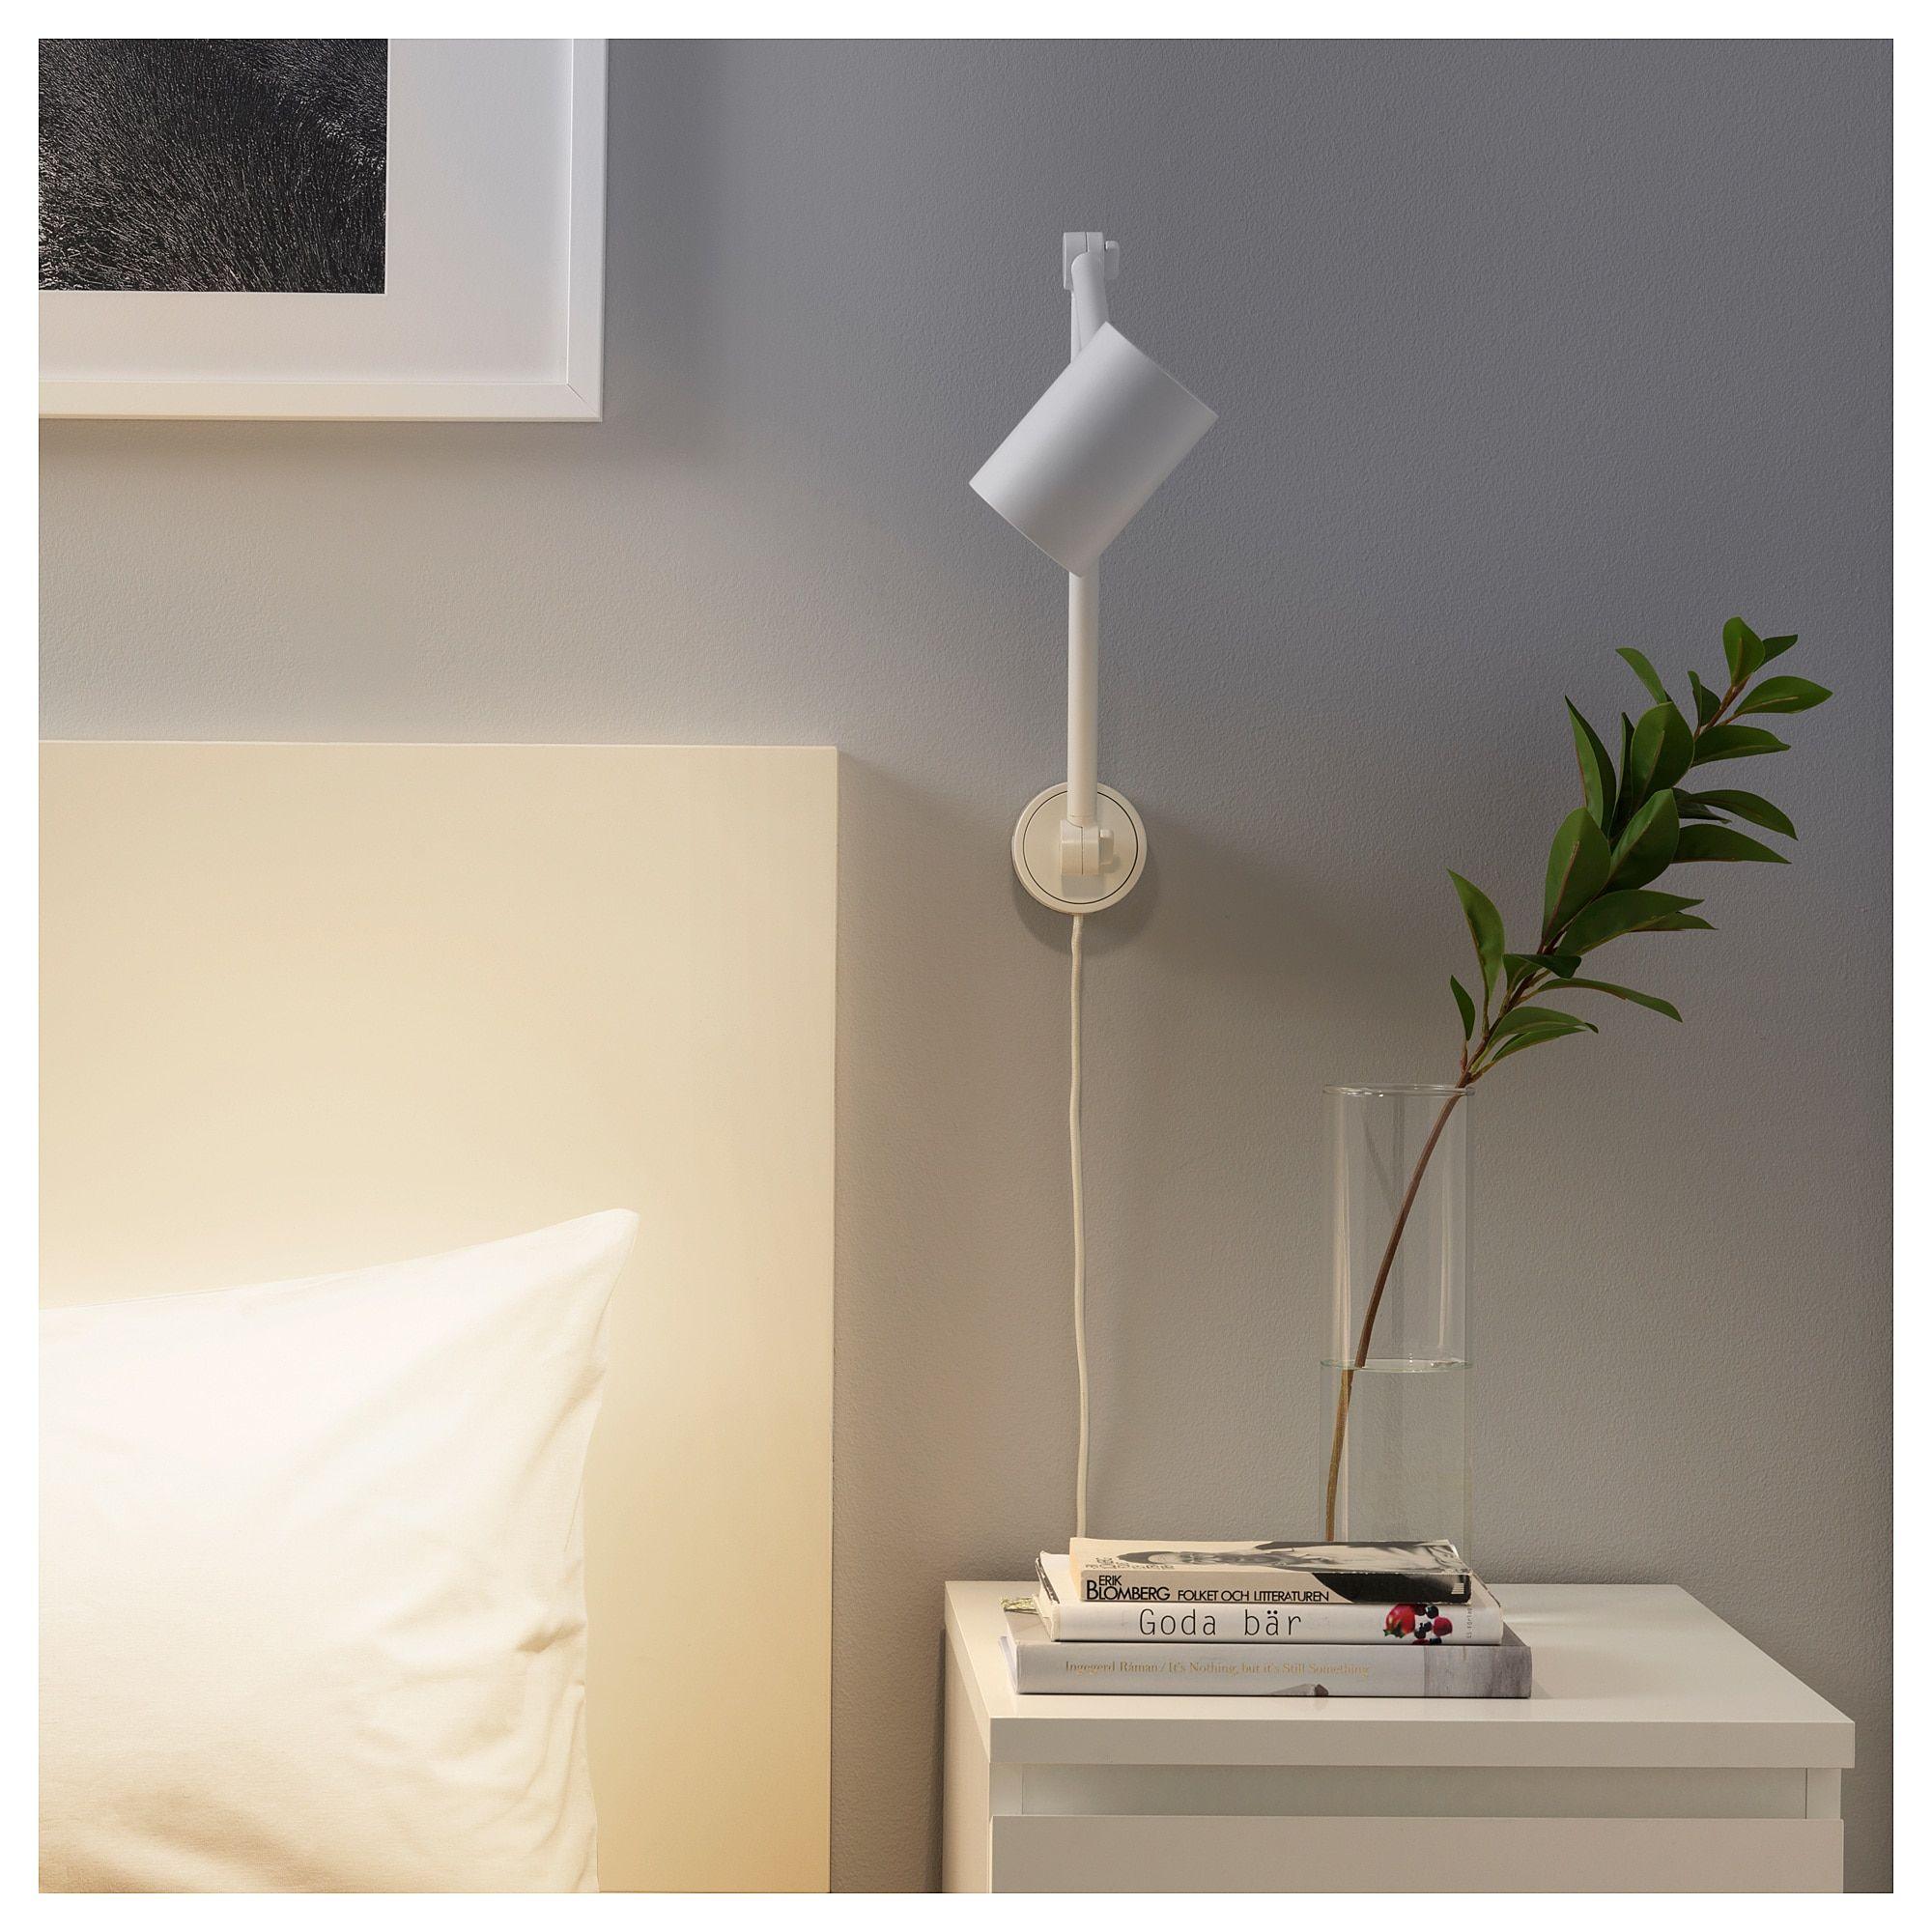 Nymane Lampe De Travail Murale Blanc Ikea Wall Lamp Wall Lamps Bedroom Ikea